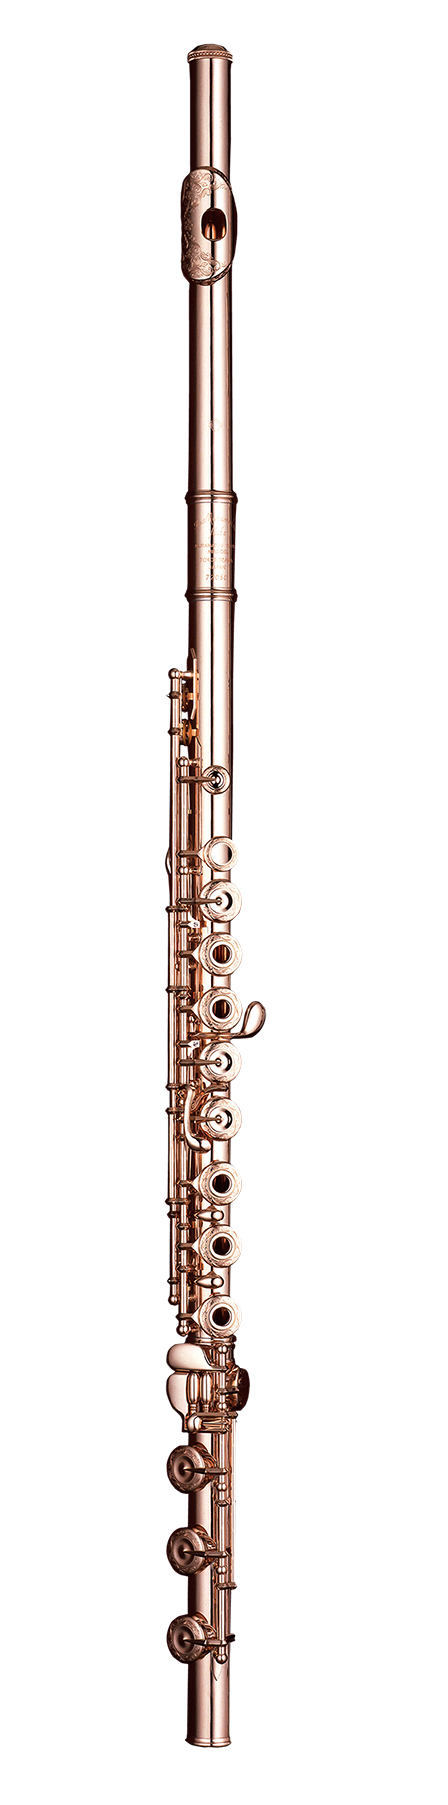 Muramatsu - 9 - K Go/Go - RBEI - Holzblasinstrumente - Flöten mit E-Mechanik   MUSIK BERTRAM Deutschland Freiburg